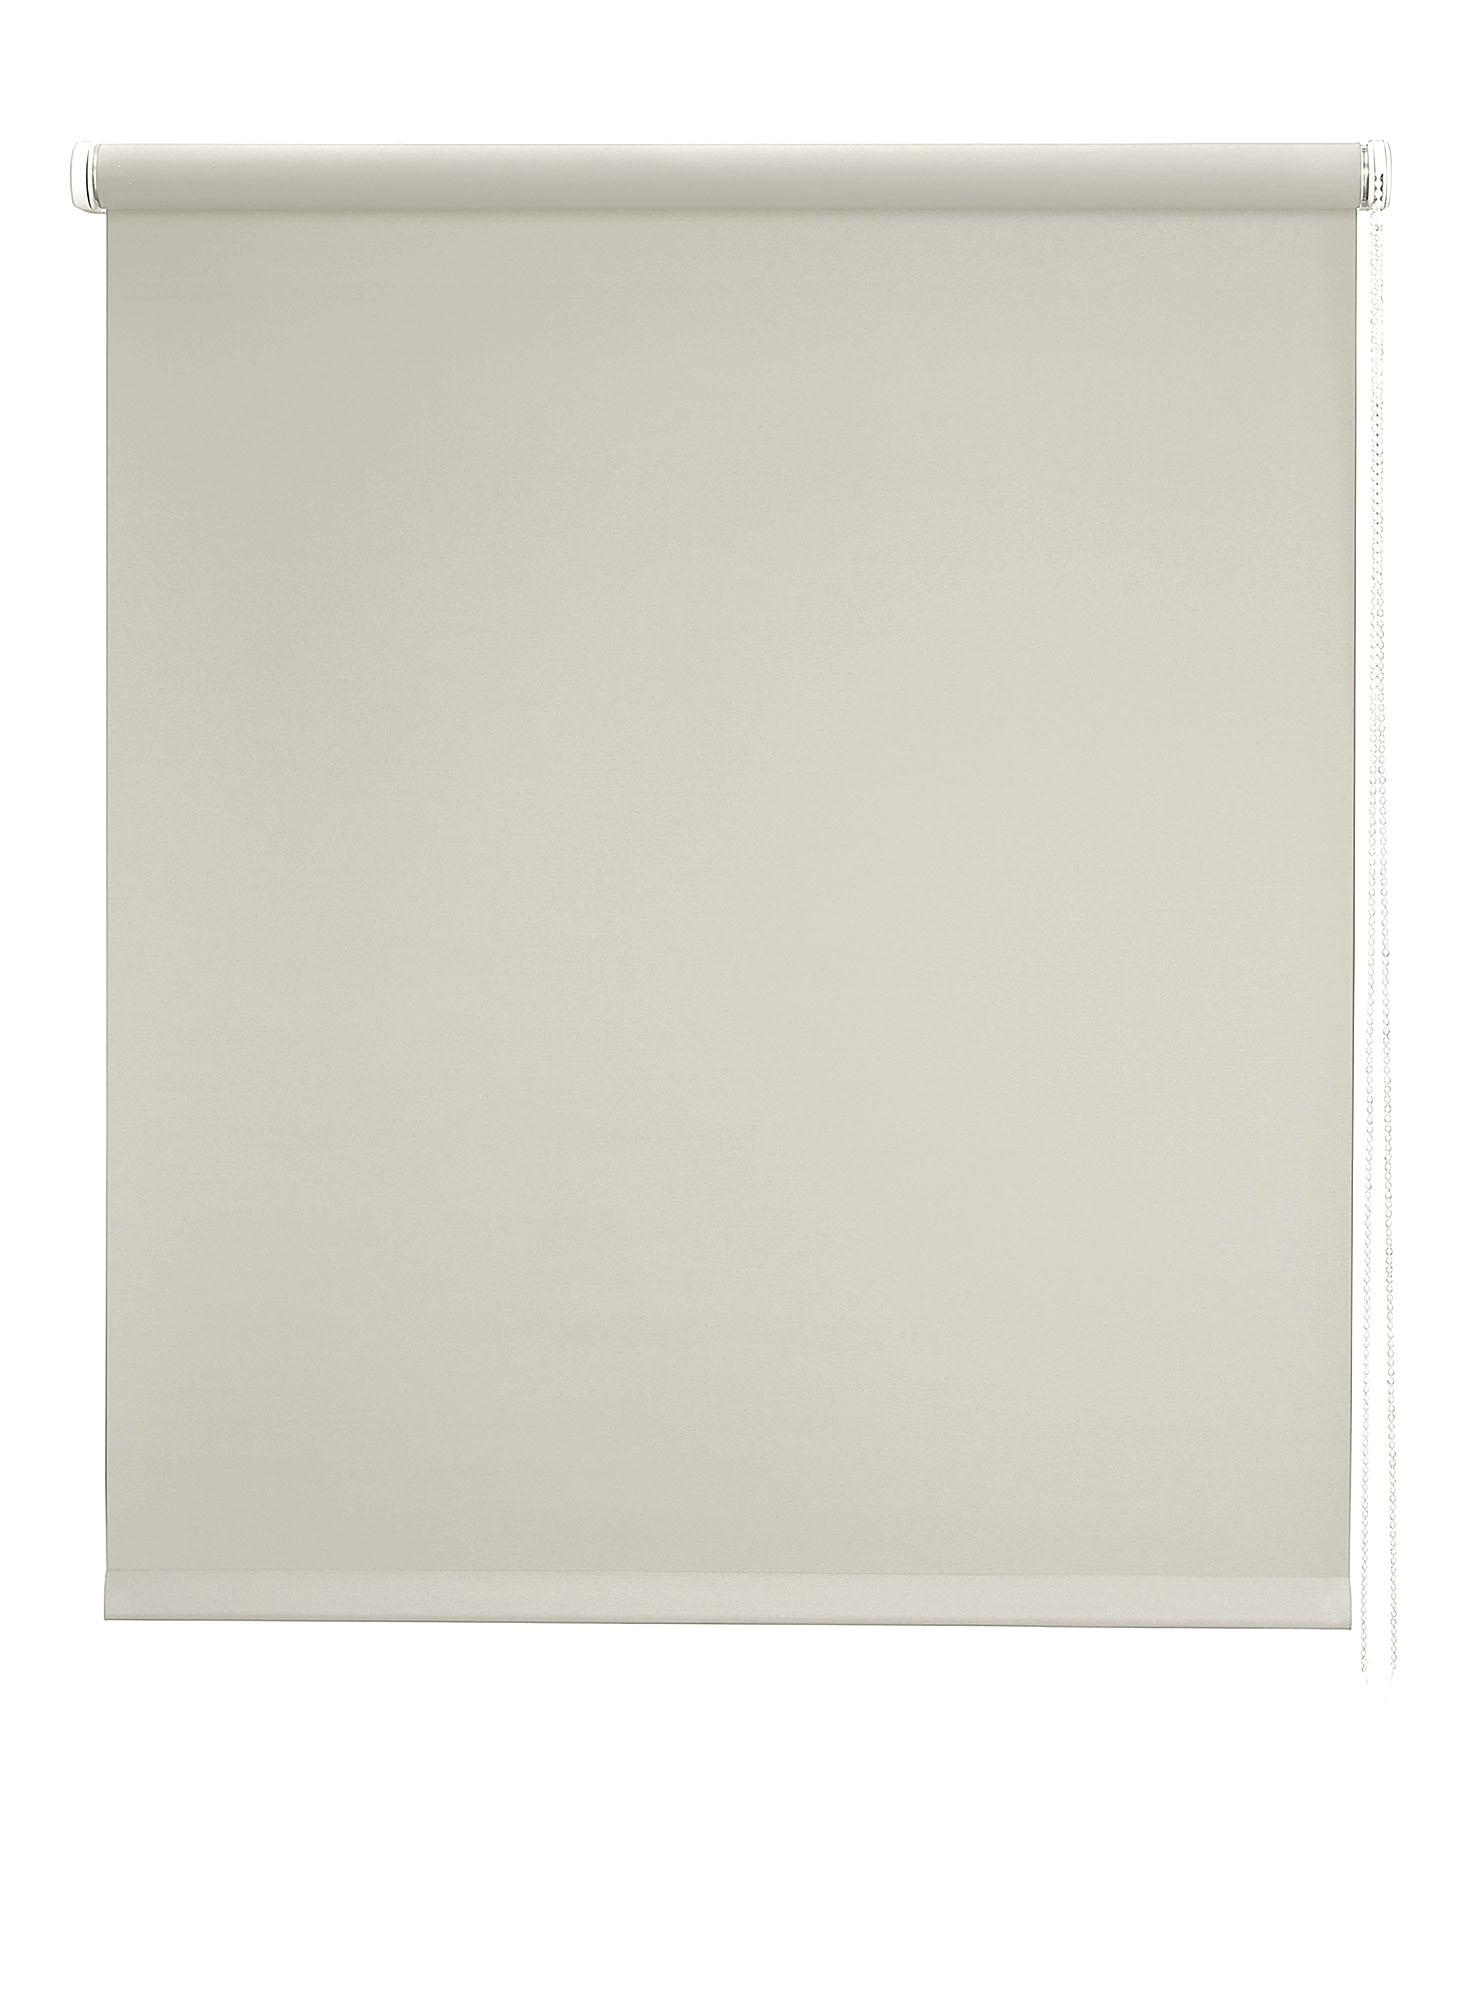 Store enrouleur Translucide - Écru - 160 x 250 cm